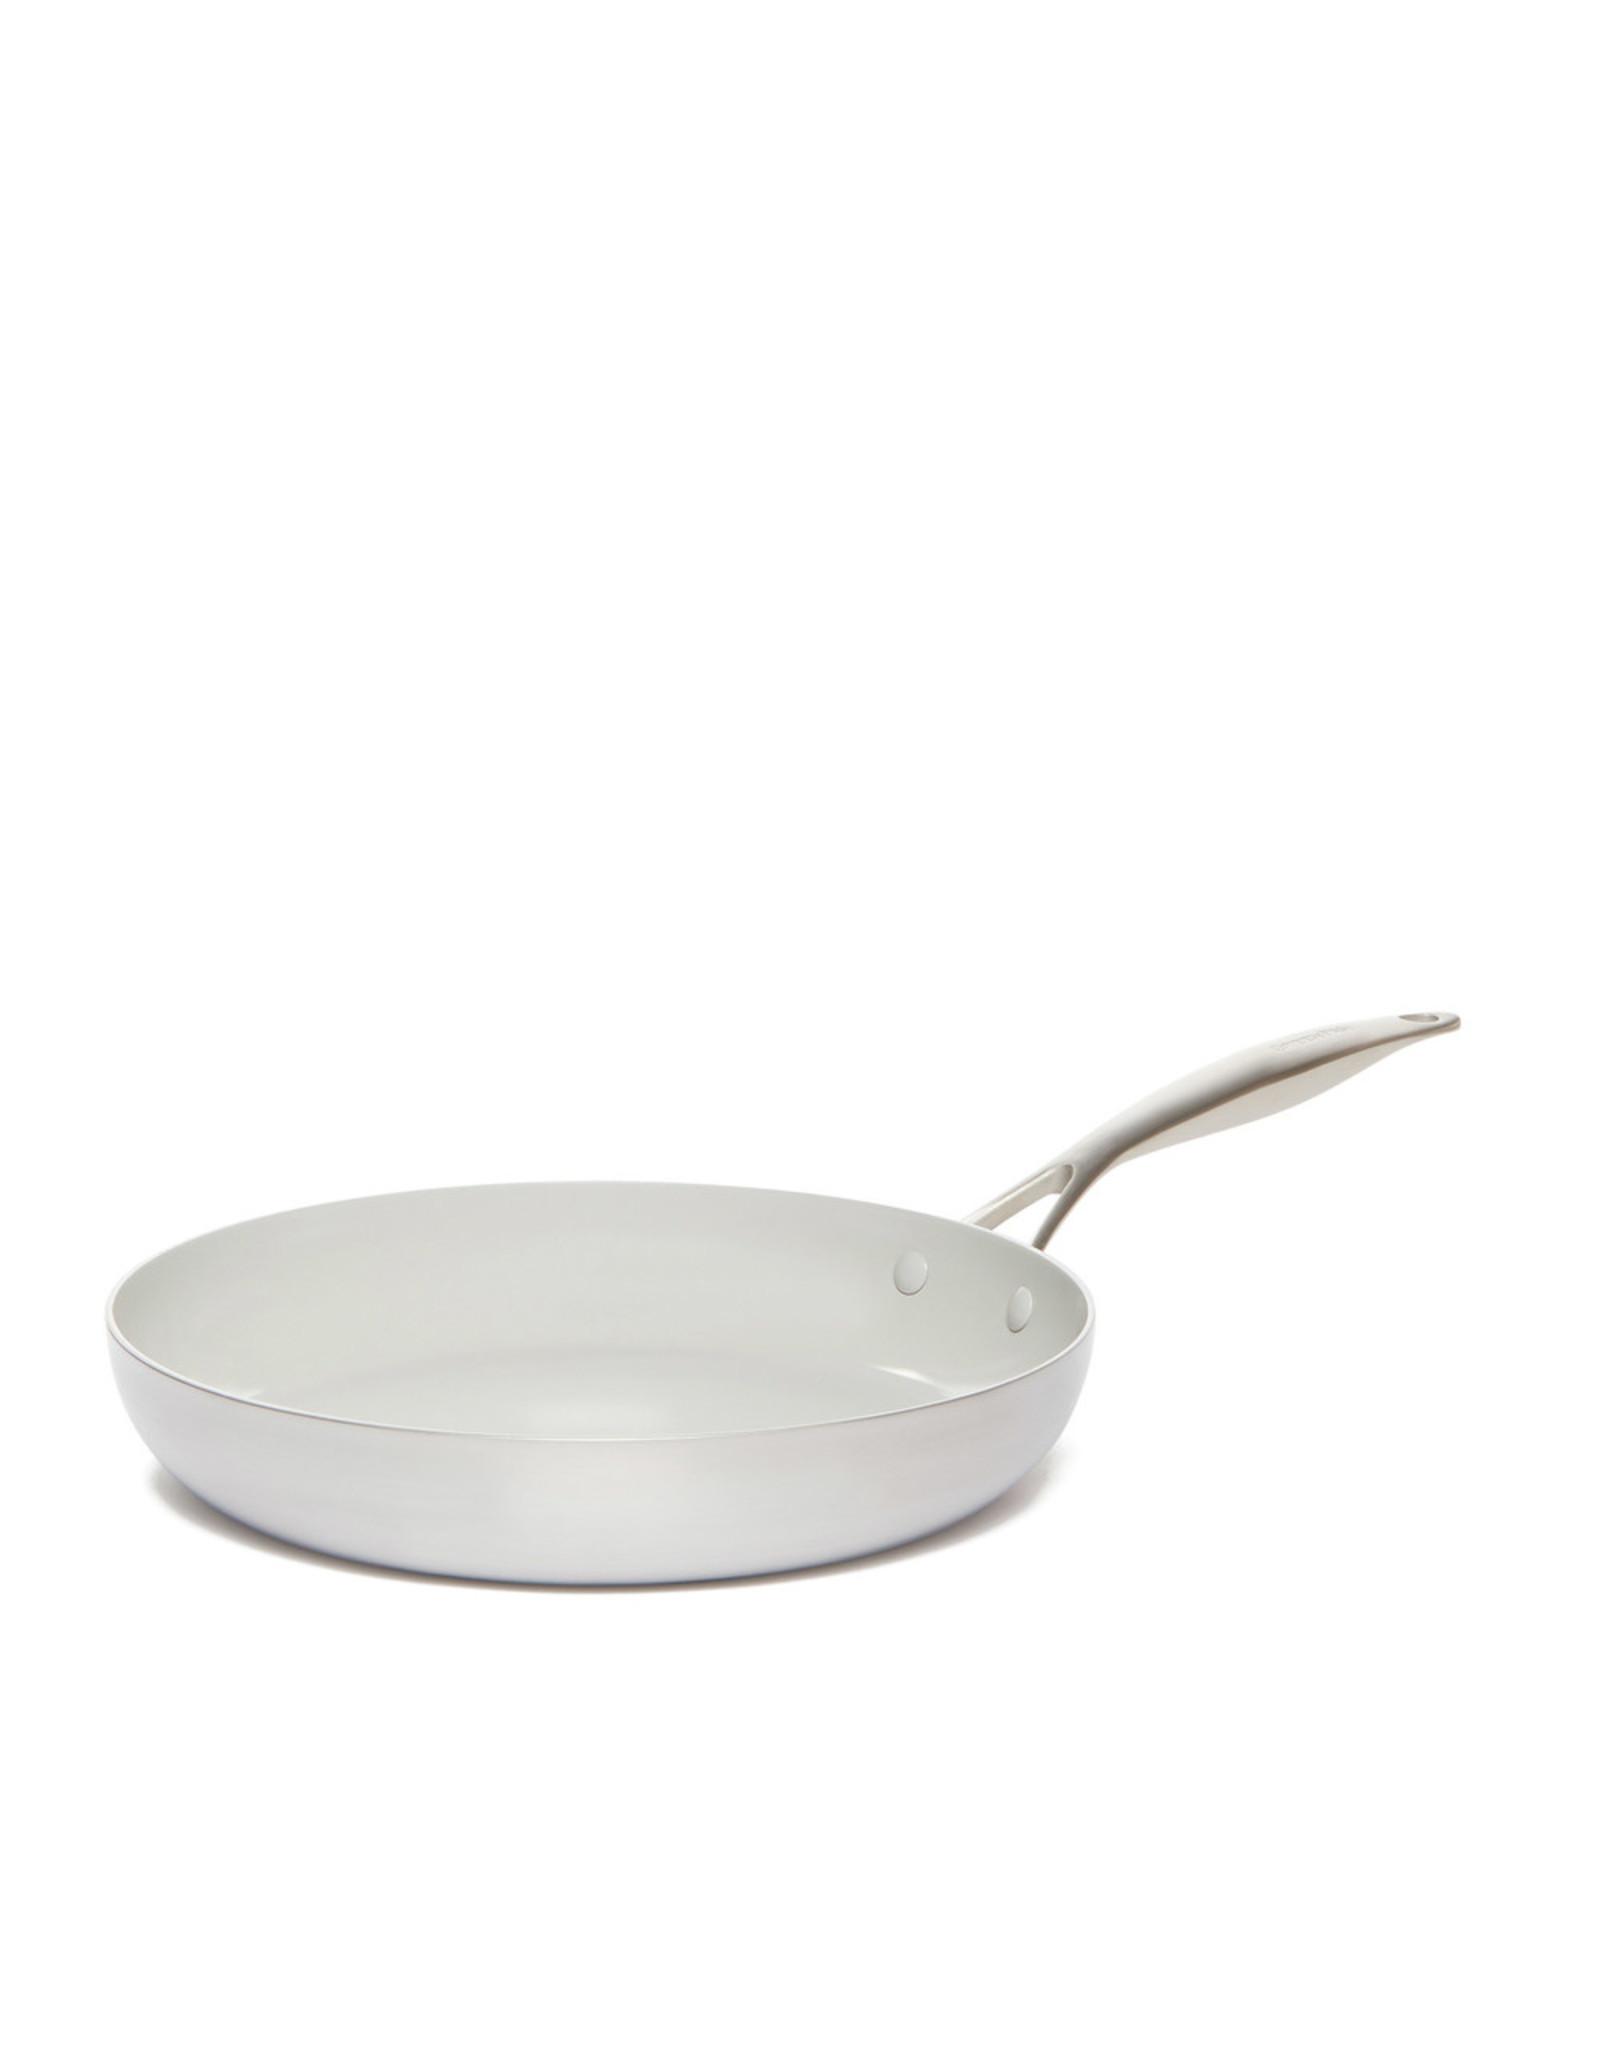 """GreenPan GreenPan Venice Pro Ceramic Non-stick Frypan Set of 2, 10"""" + 12"""" - Silver"""